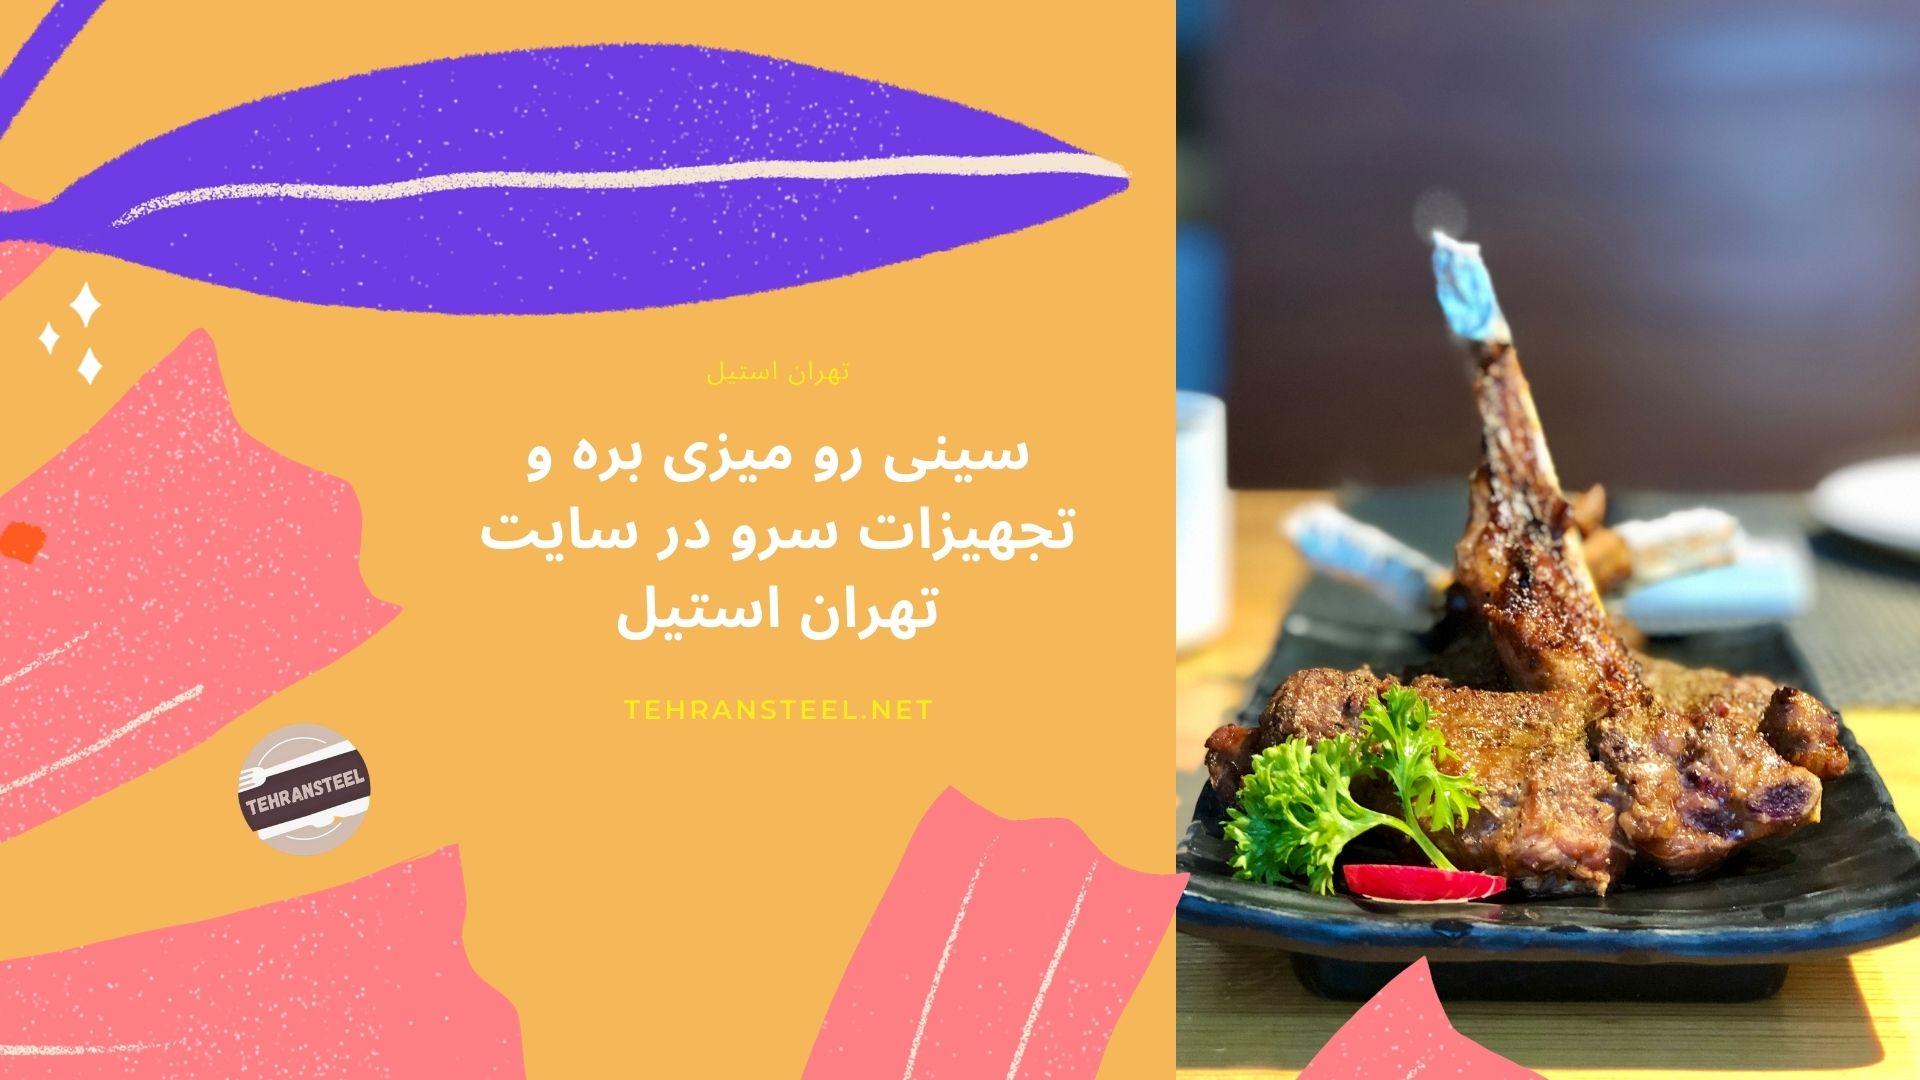 سینی رو میزی بره و تجهیزات سرو در سایت تهران استیل